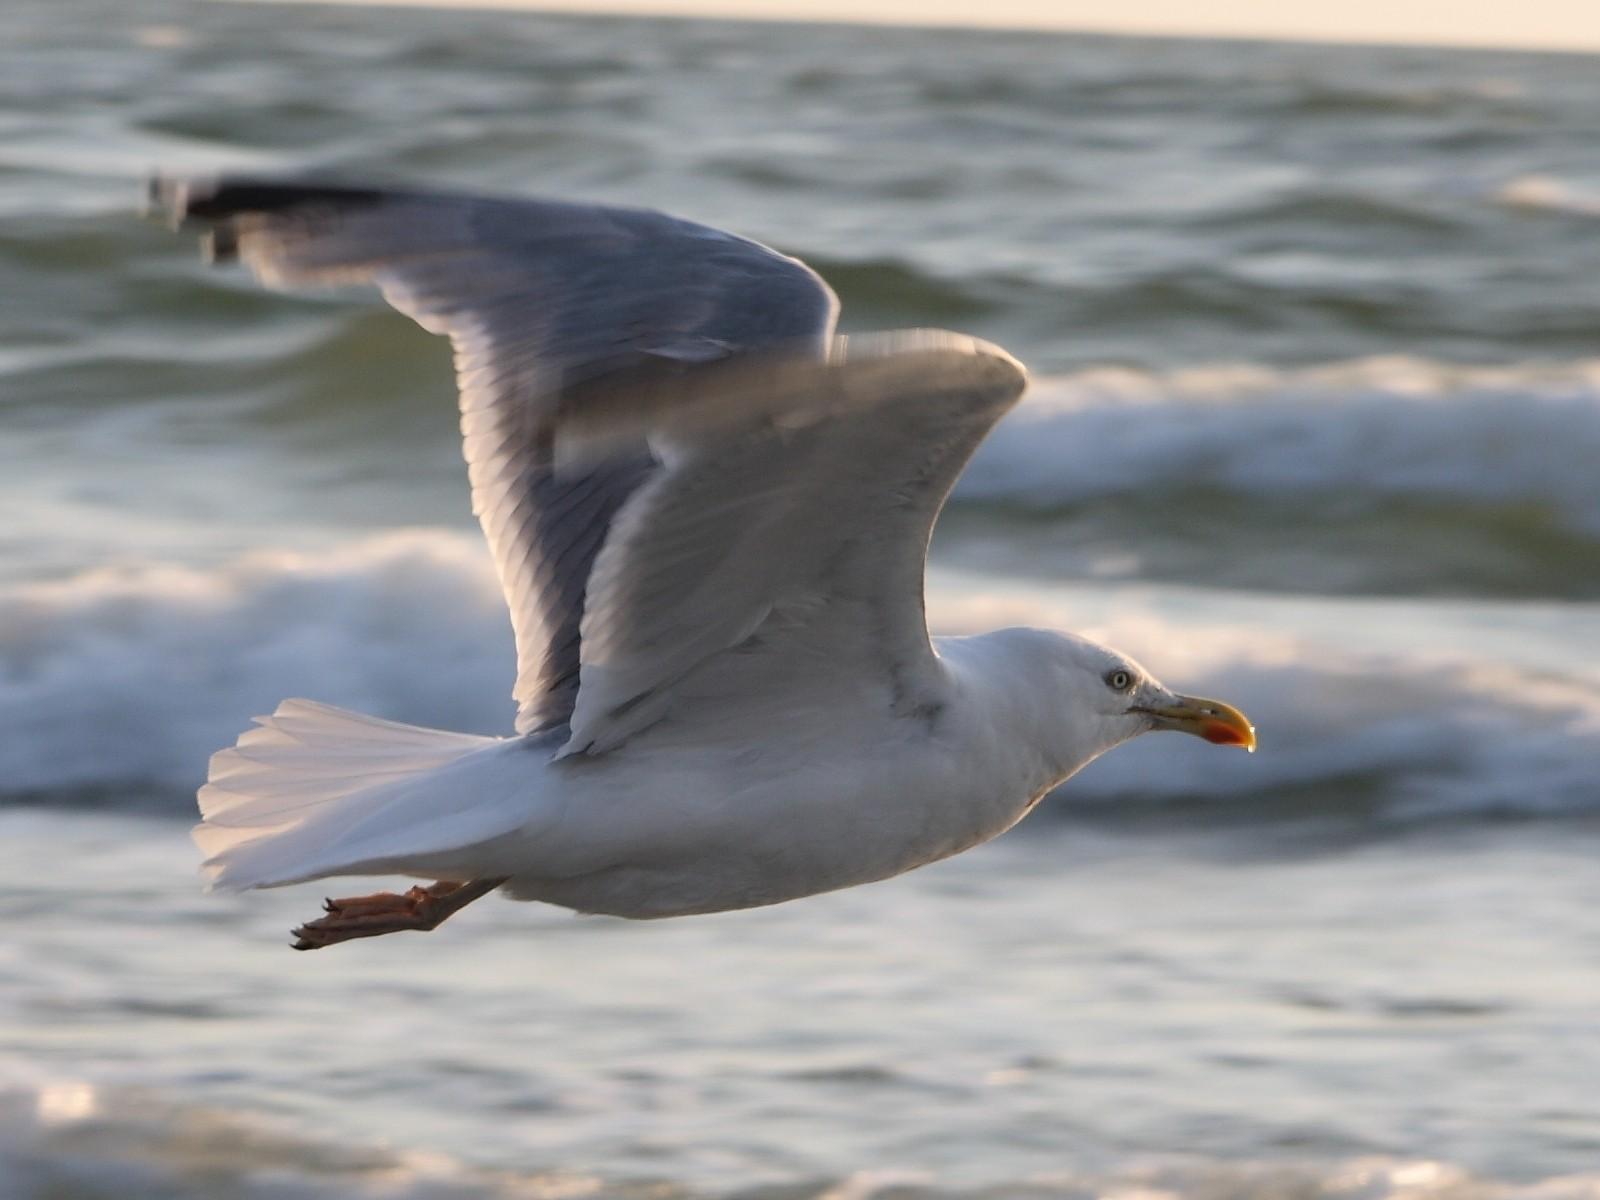 Скачать обои птица в полете 1600x1200